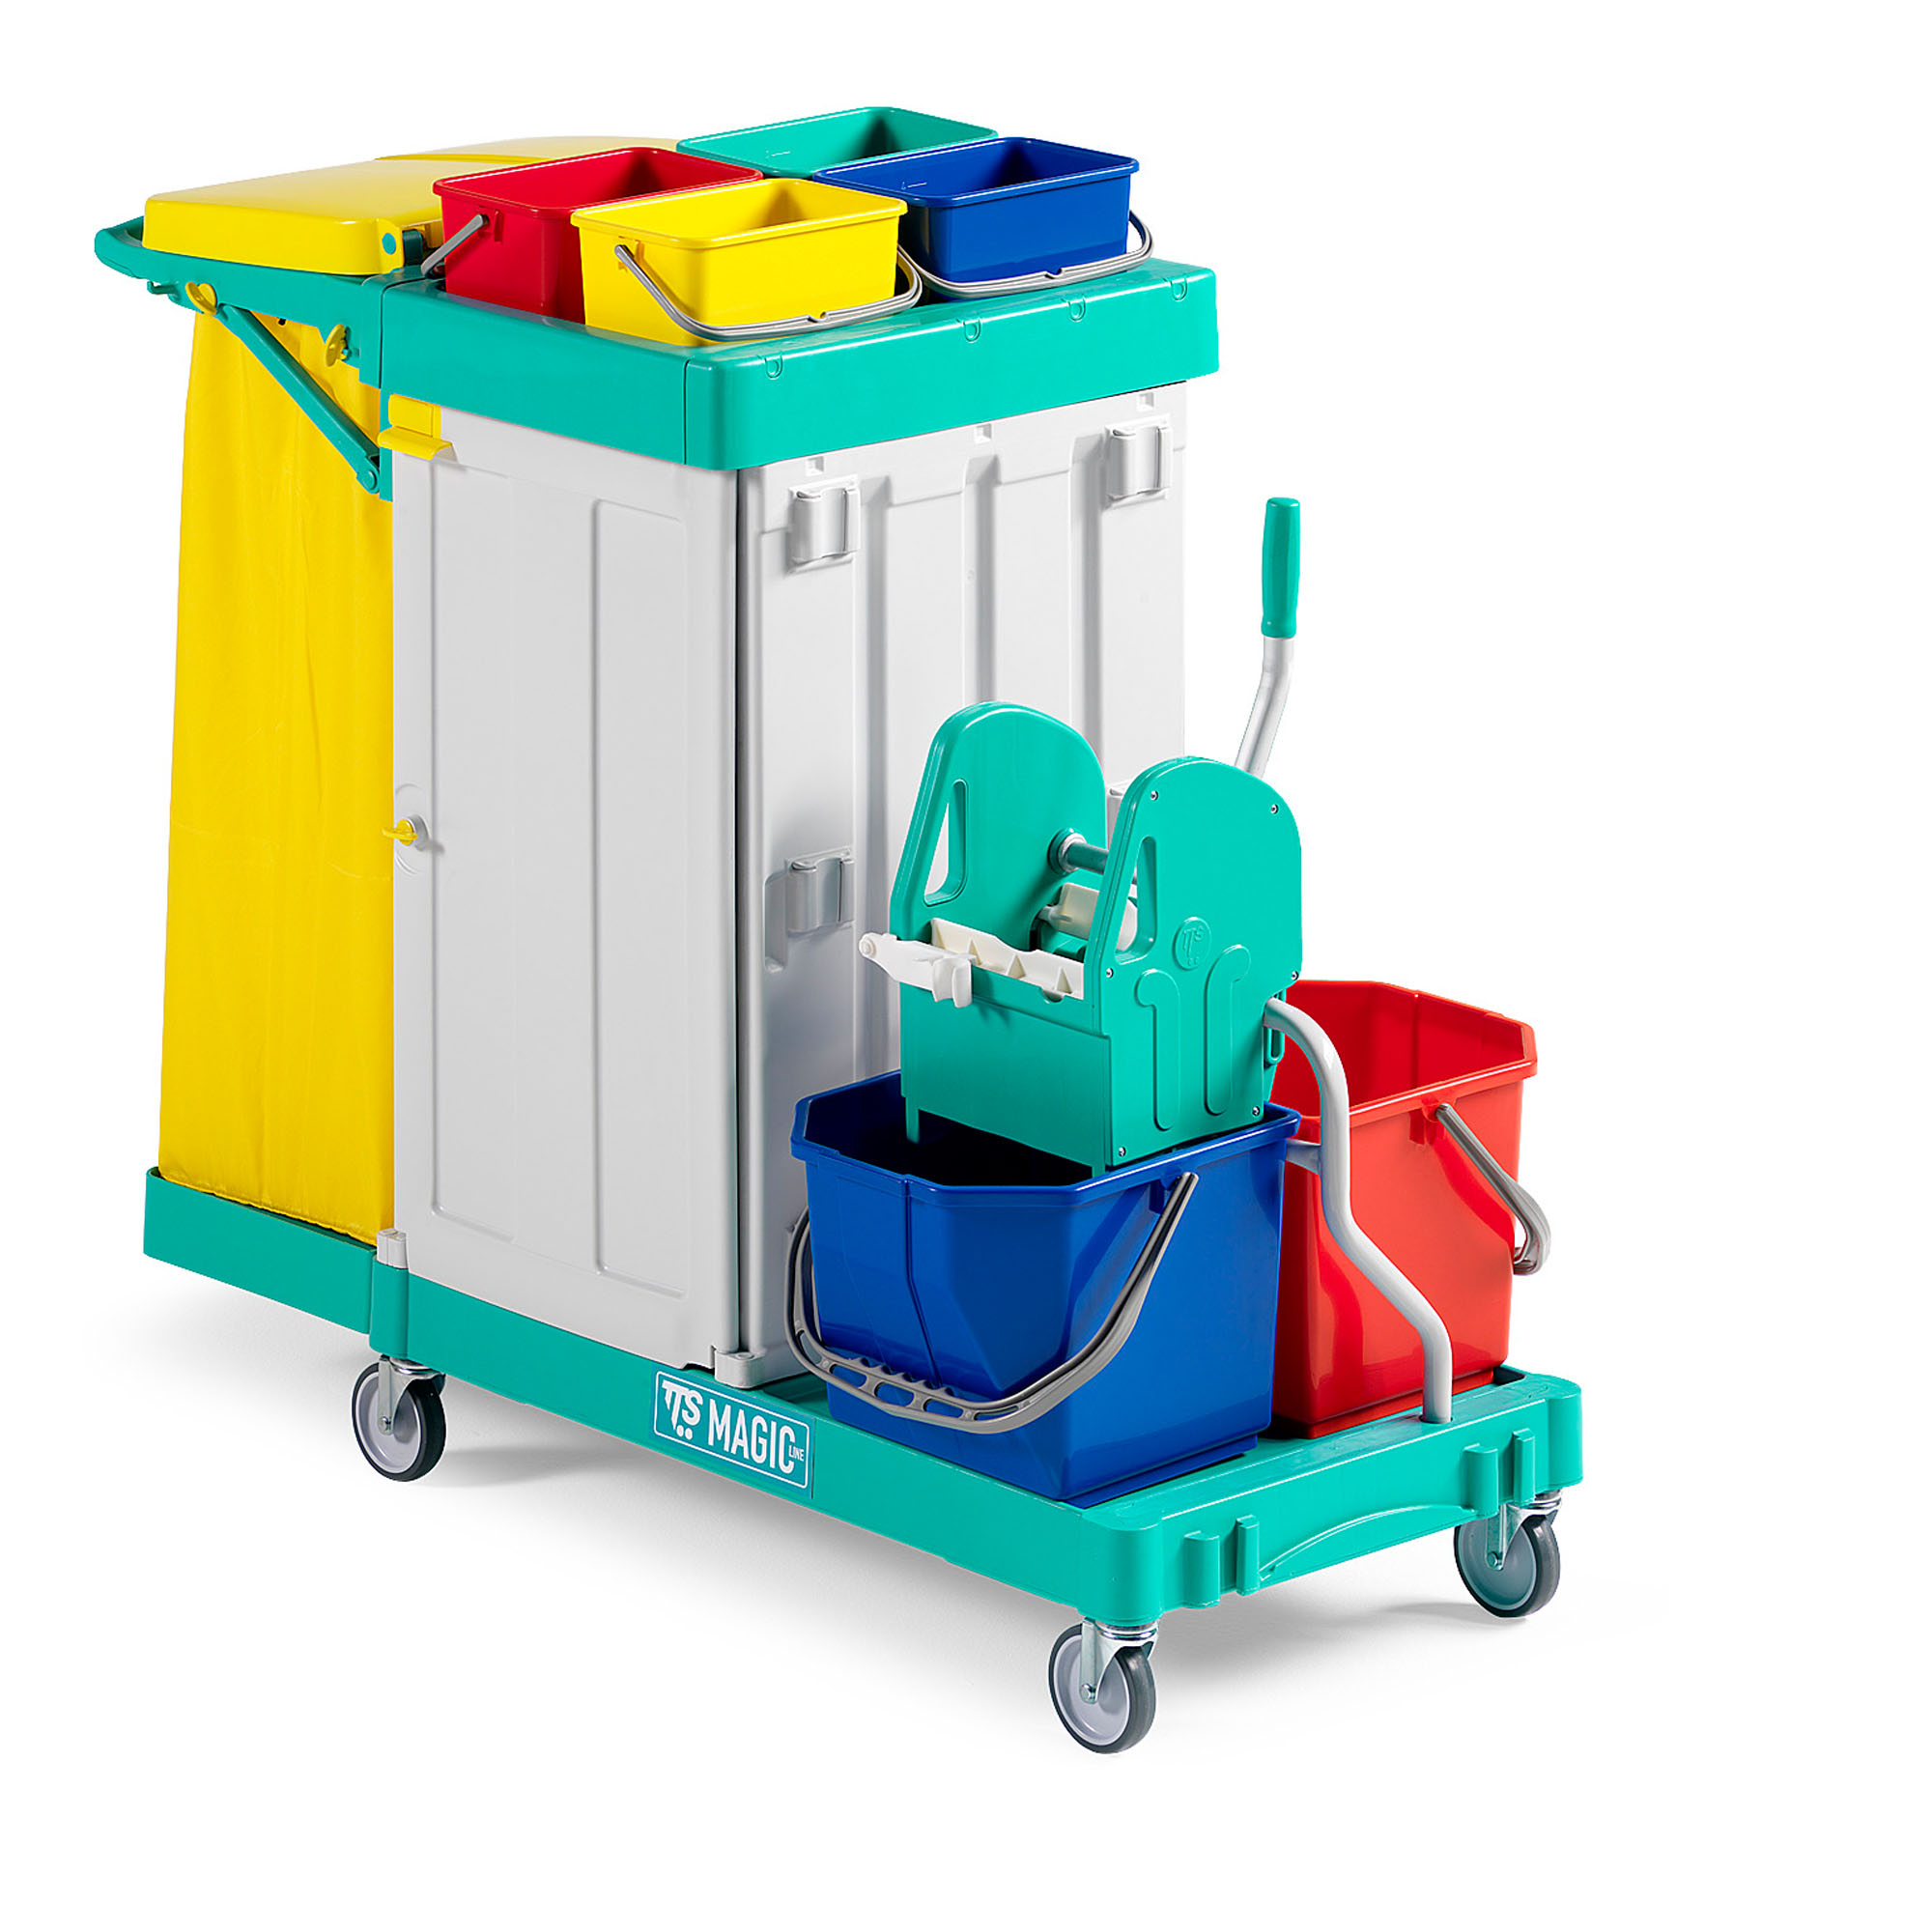 Housekeeping Trolleys